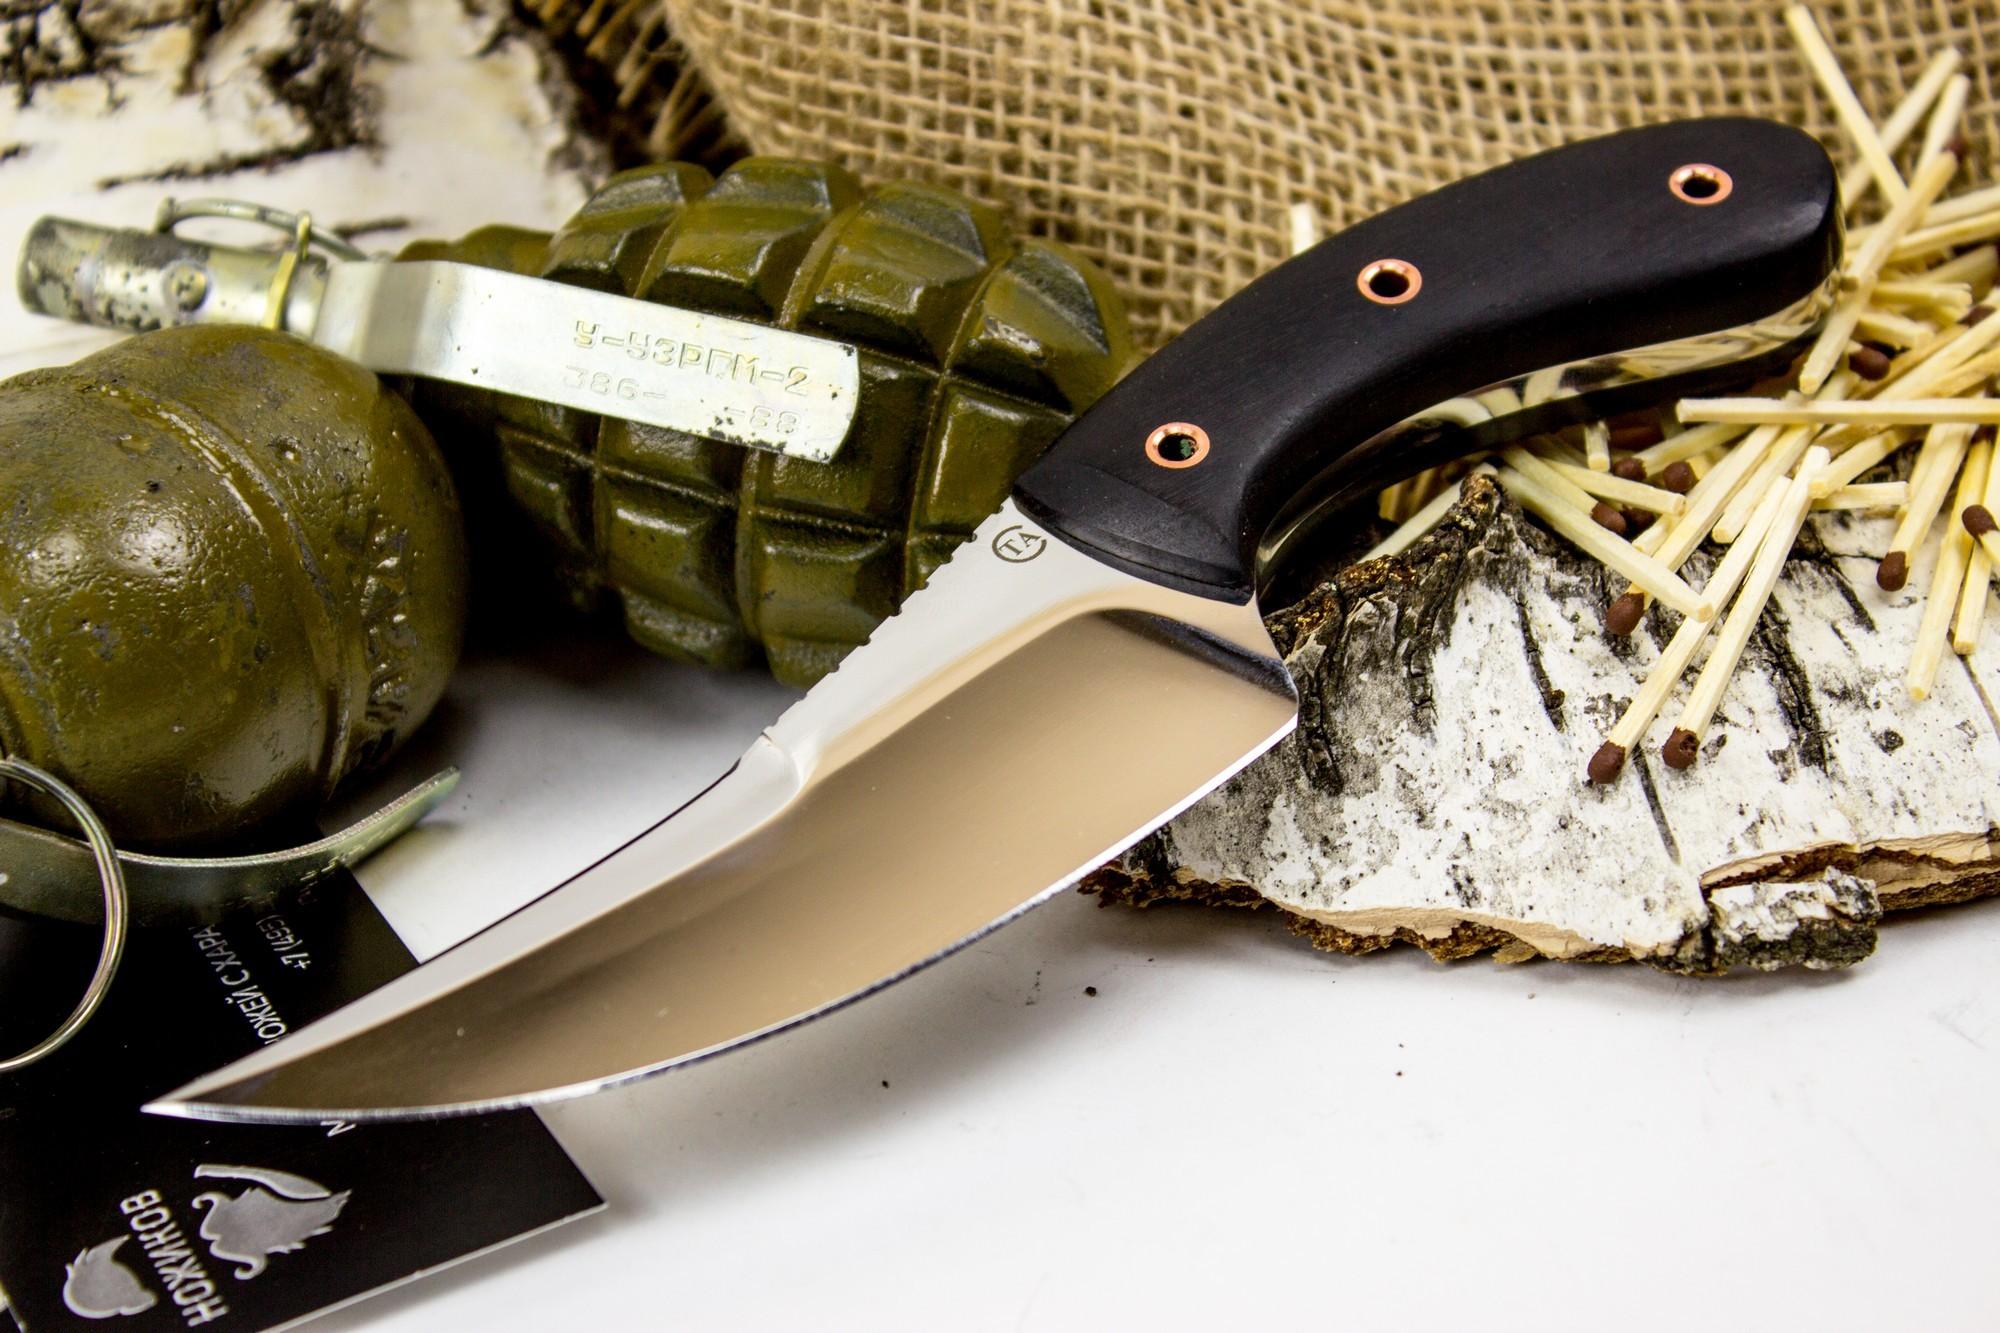 Фото 6 - Нож Клык-1, сталь 95х18, дерево от Титов и Солдатова